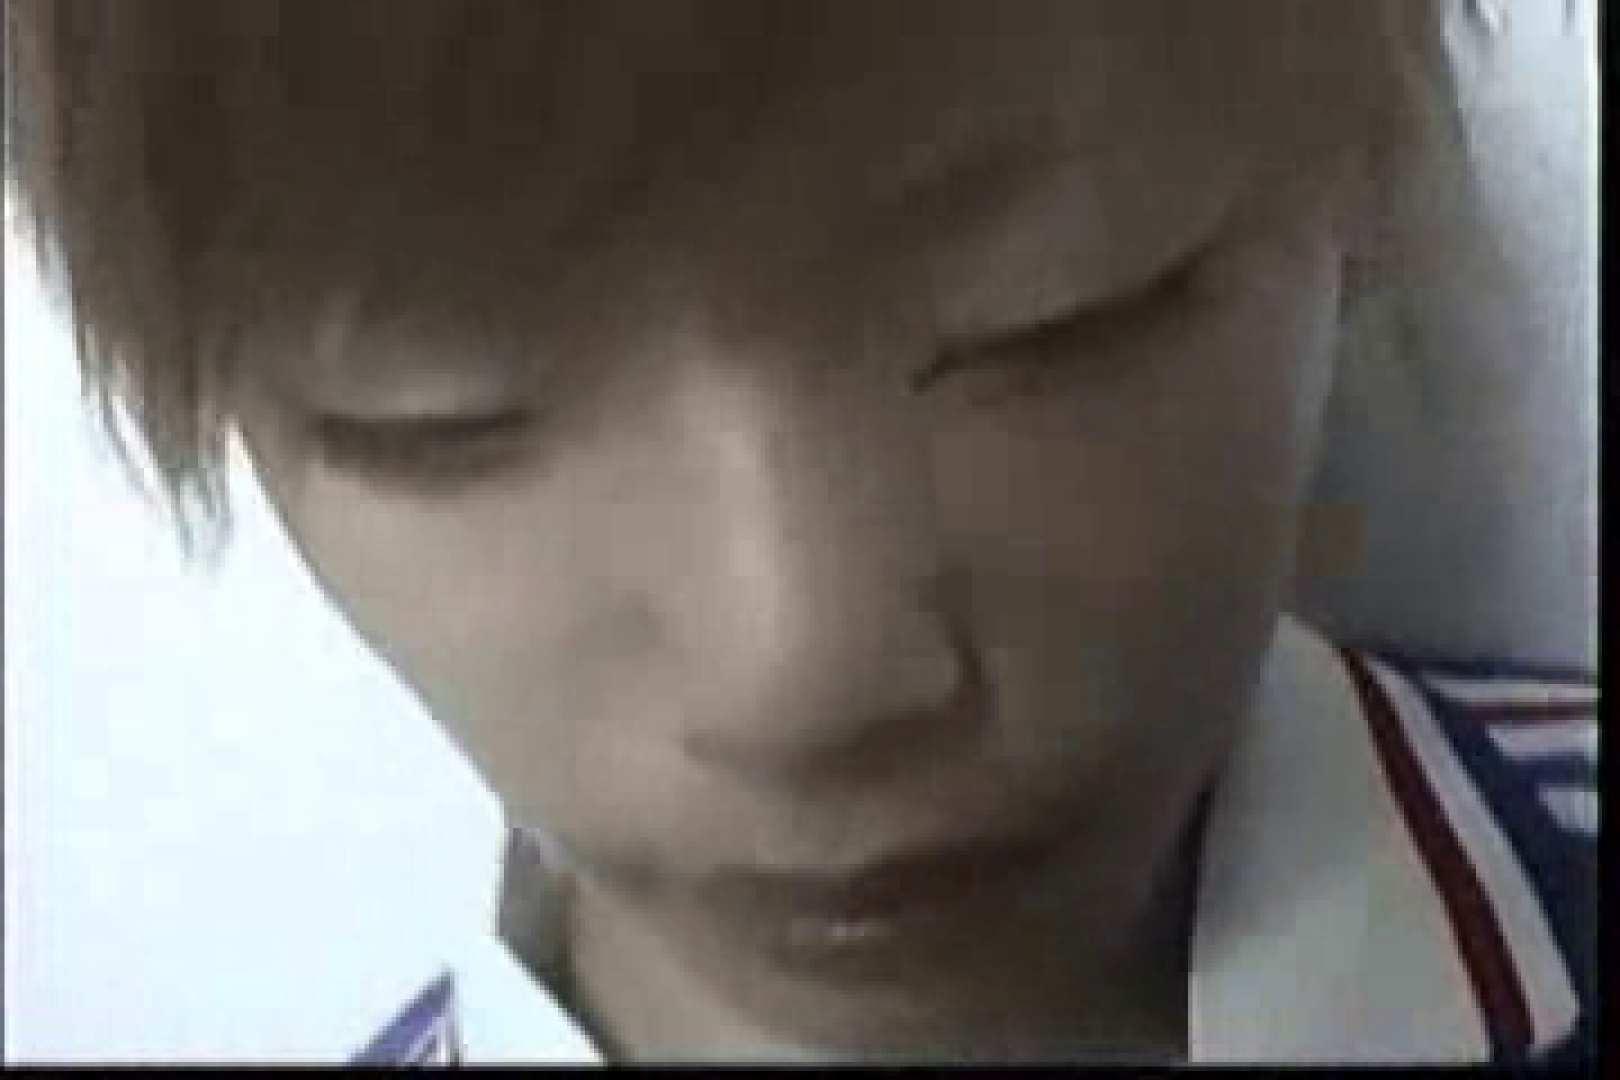 【流出】知られざる僕の秘密…vol.03 射精天国 ゲイエロビデオ画像 90pic 89